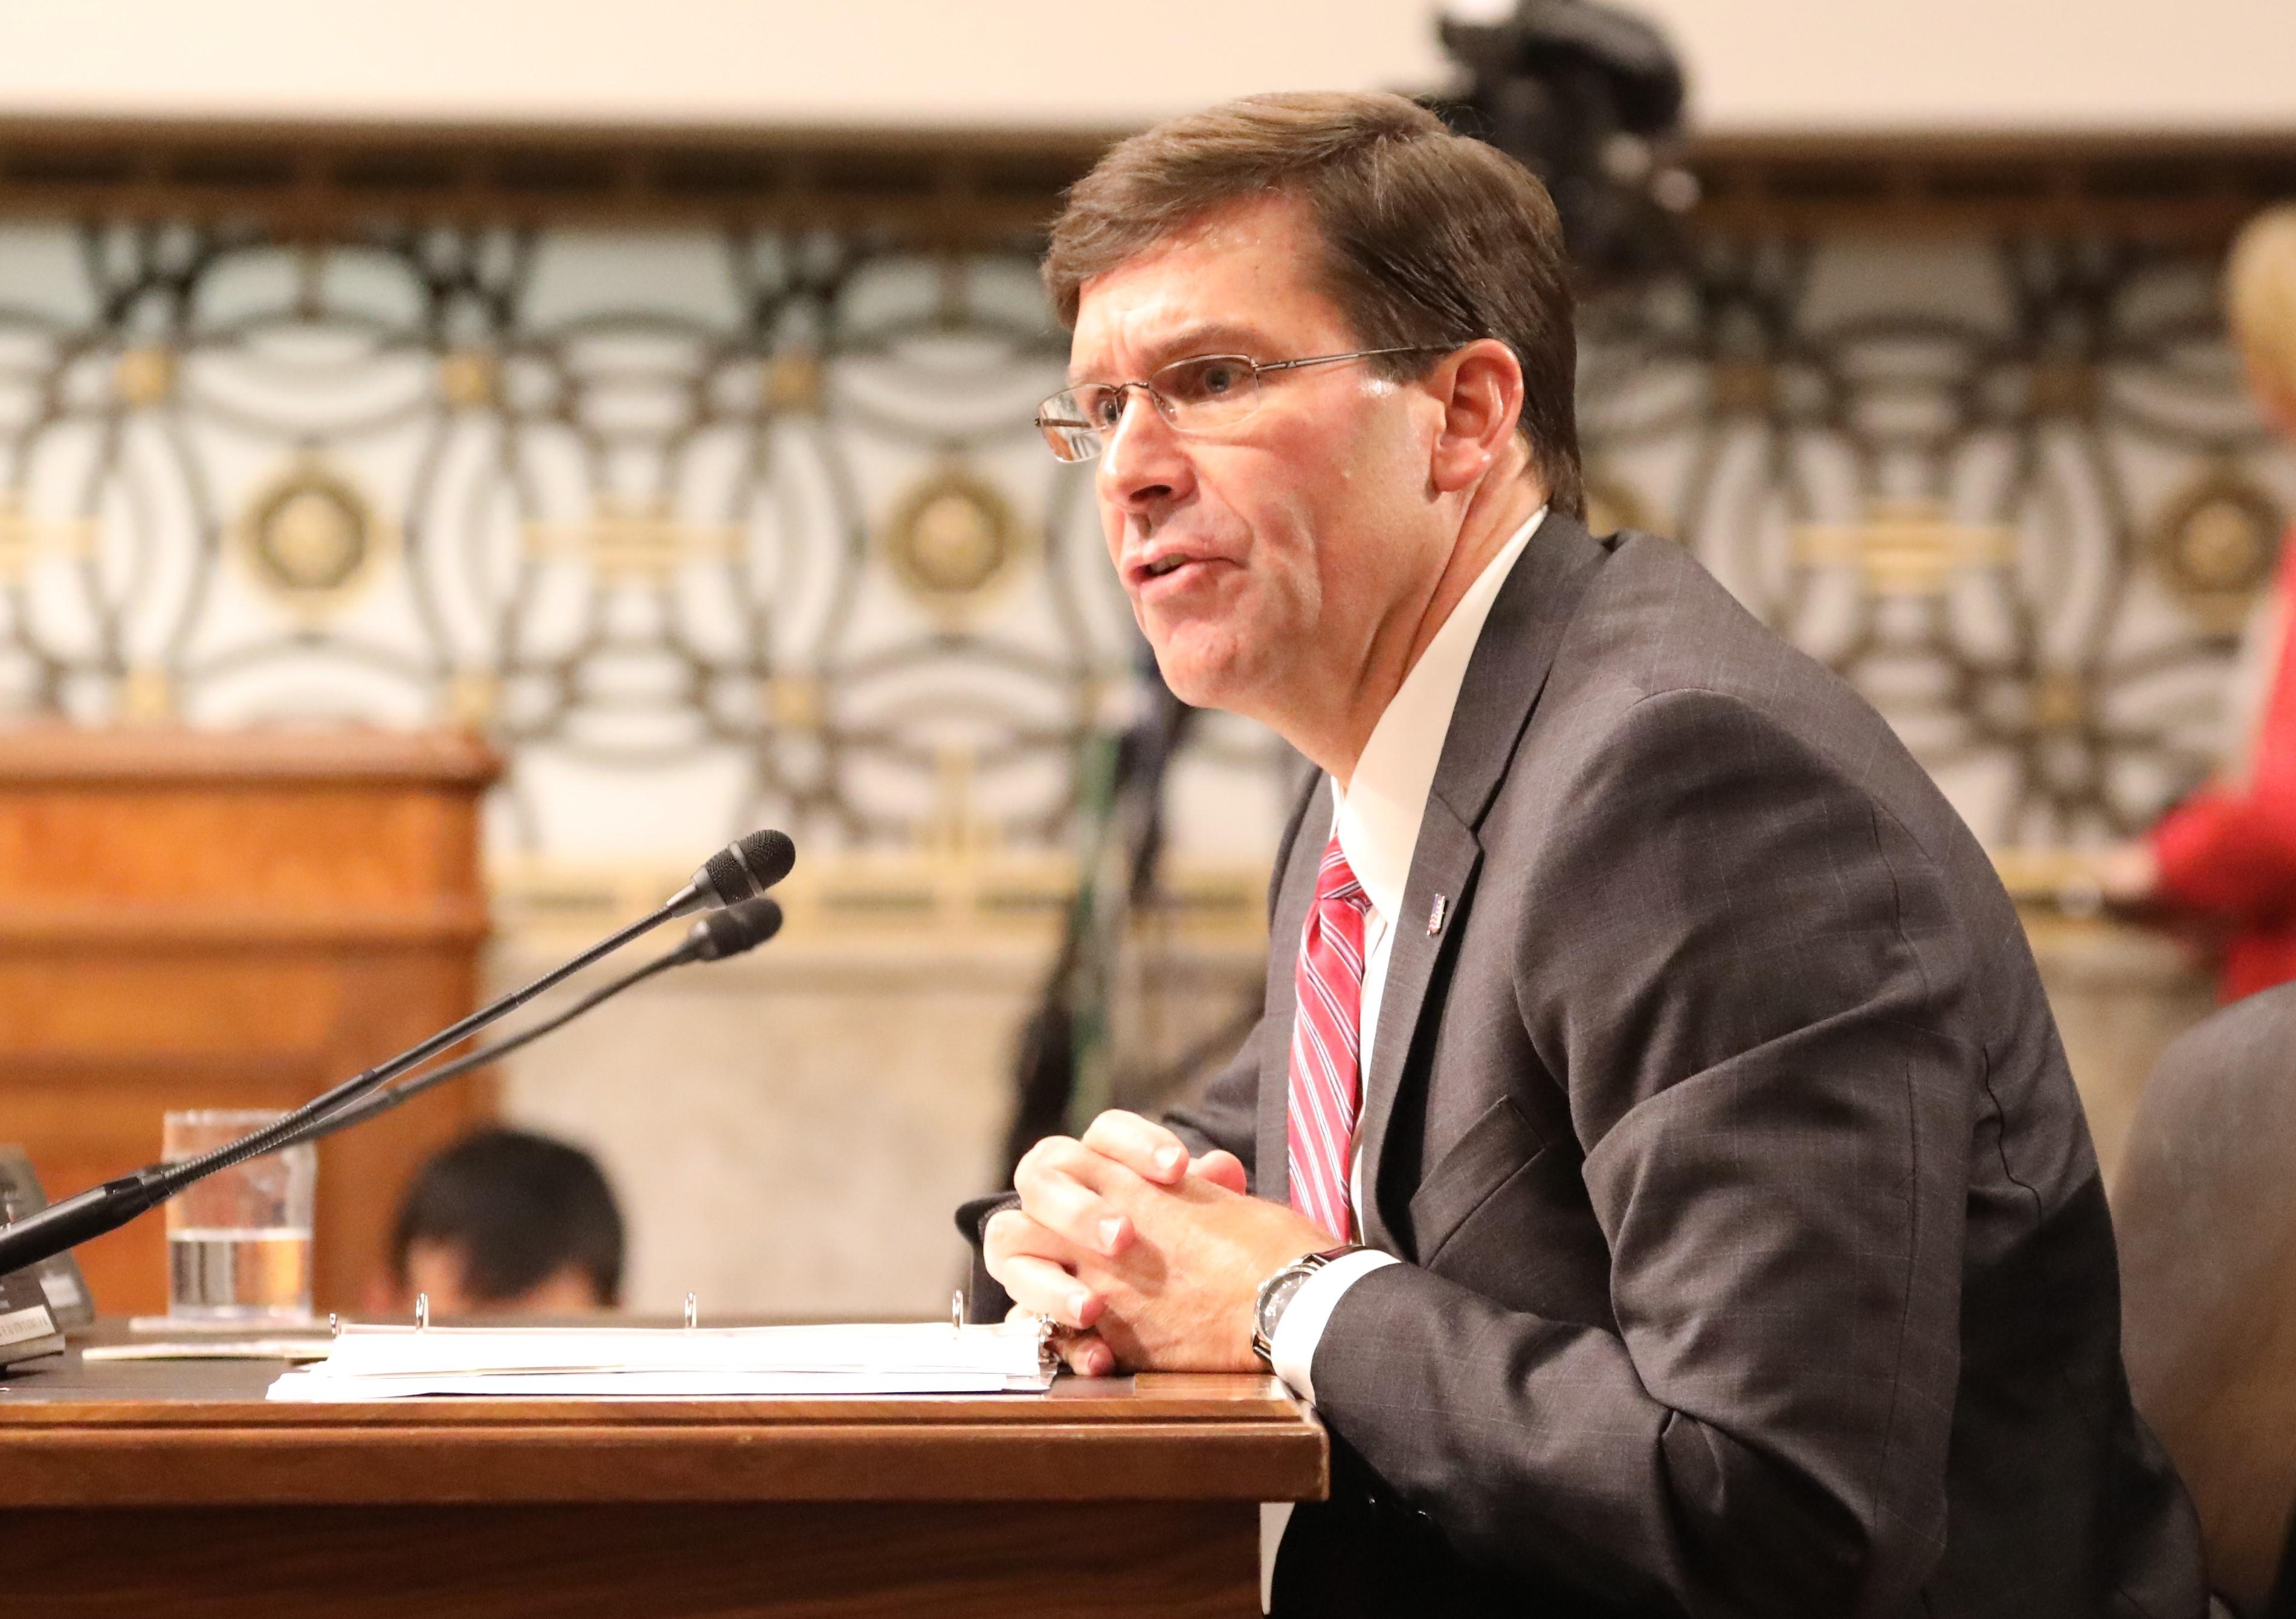 US Senate confirms Esper as Defense Secretary